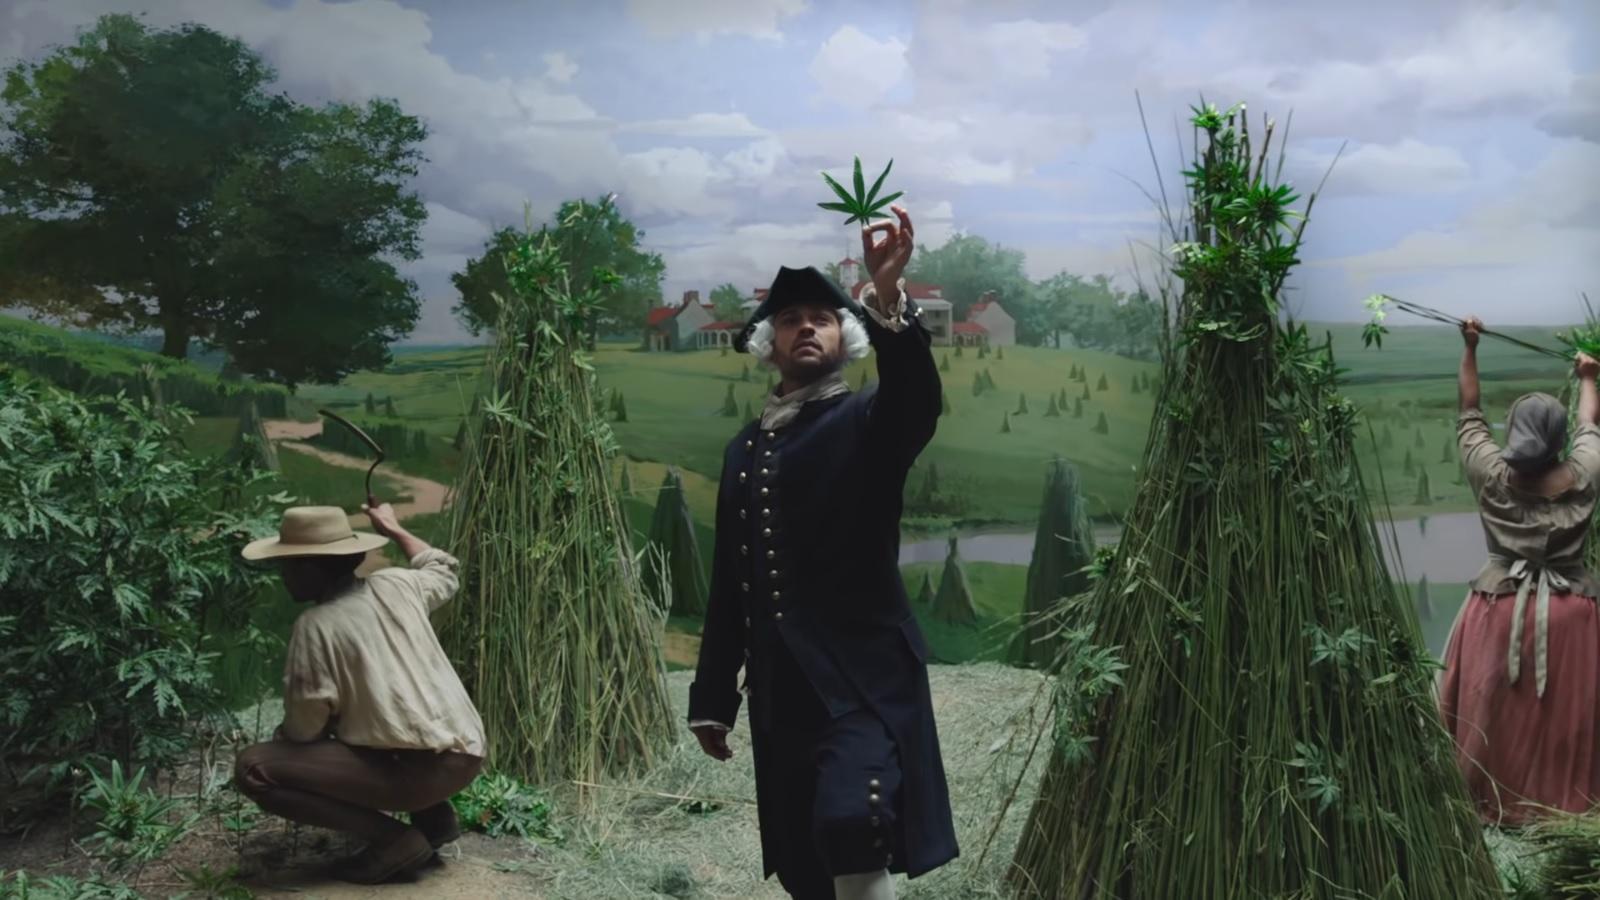 W amerykańskiej telewizji leci reklama cannabisu, Dutch Seeds